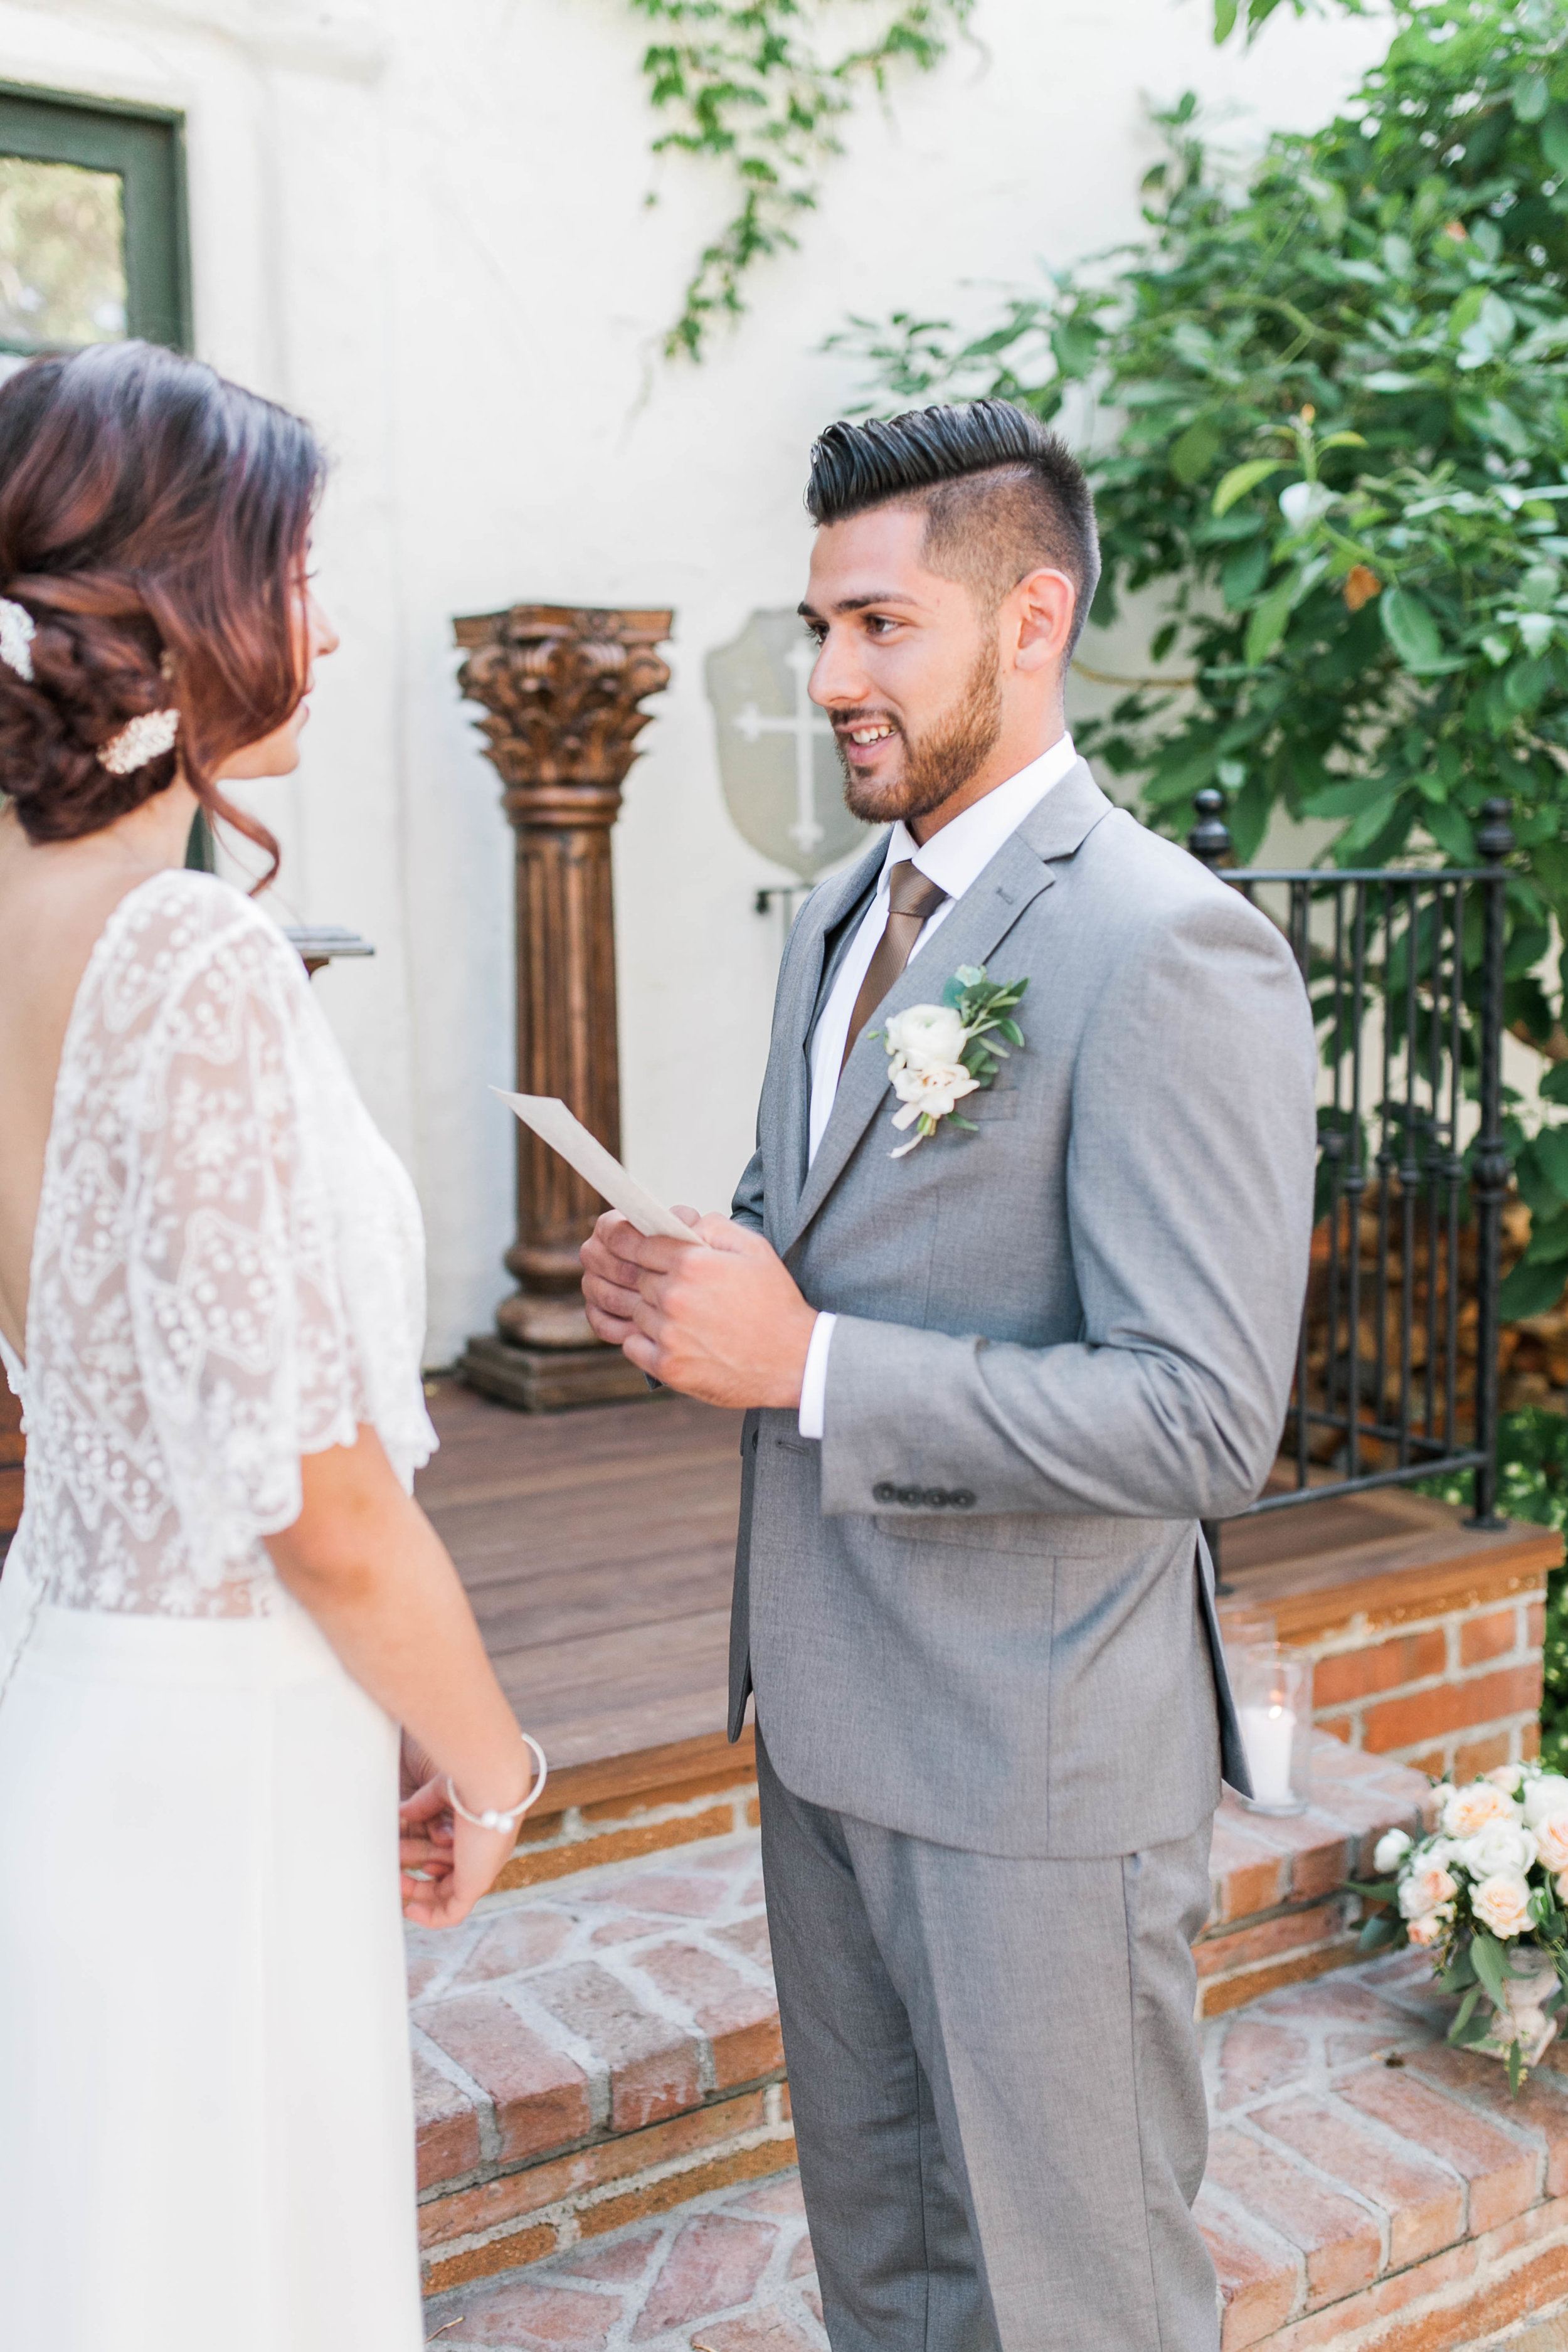 The-Villa-Wedding-Venue11.jpg